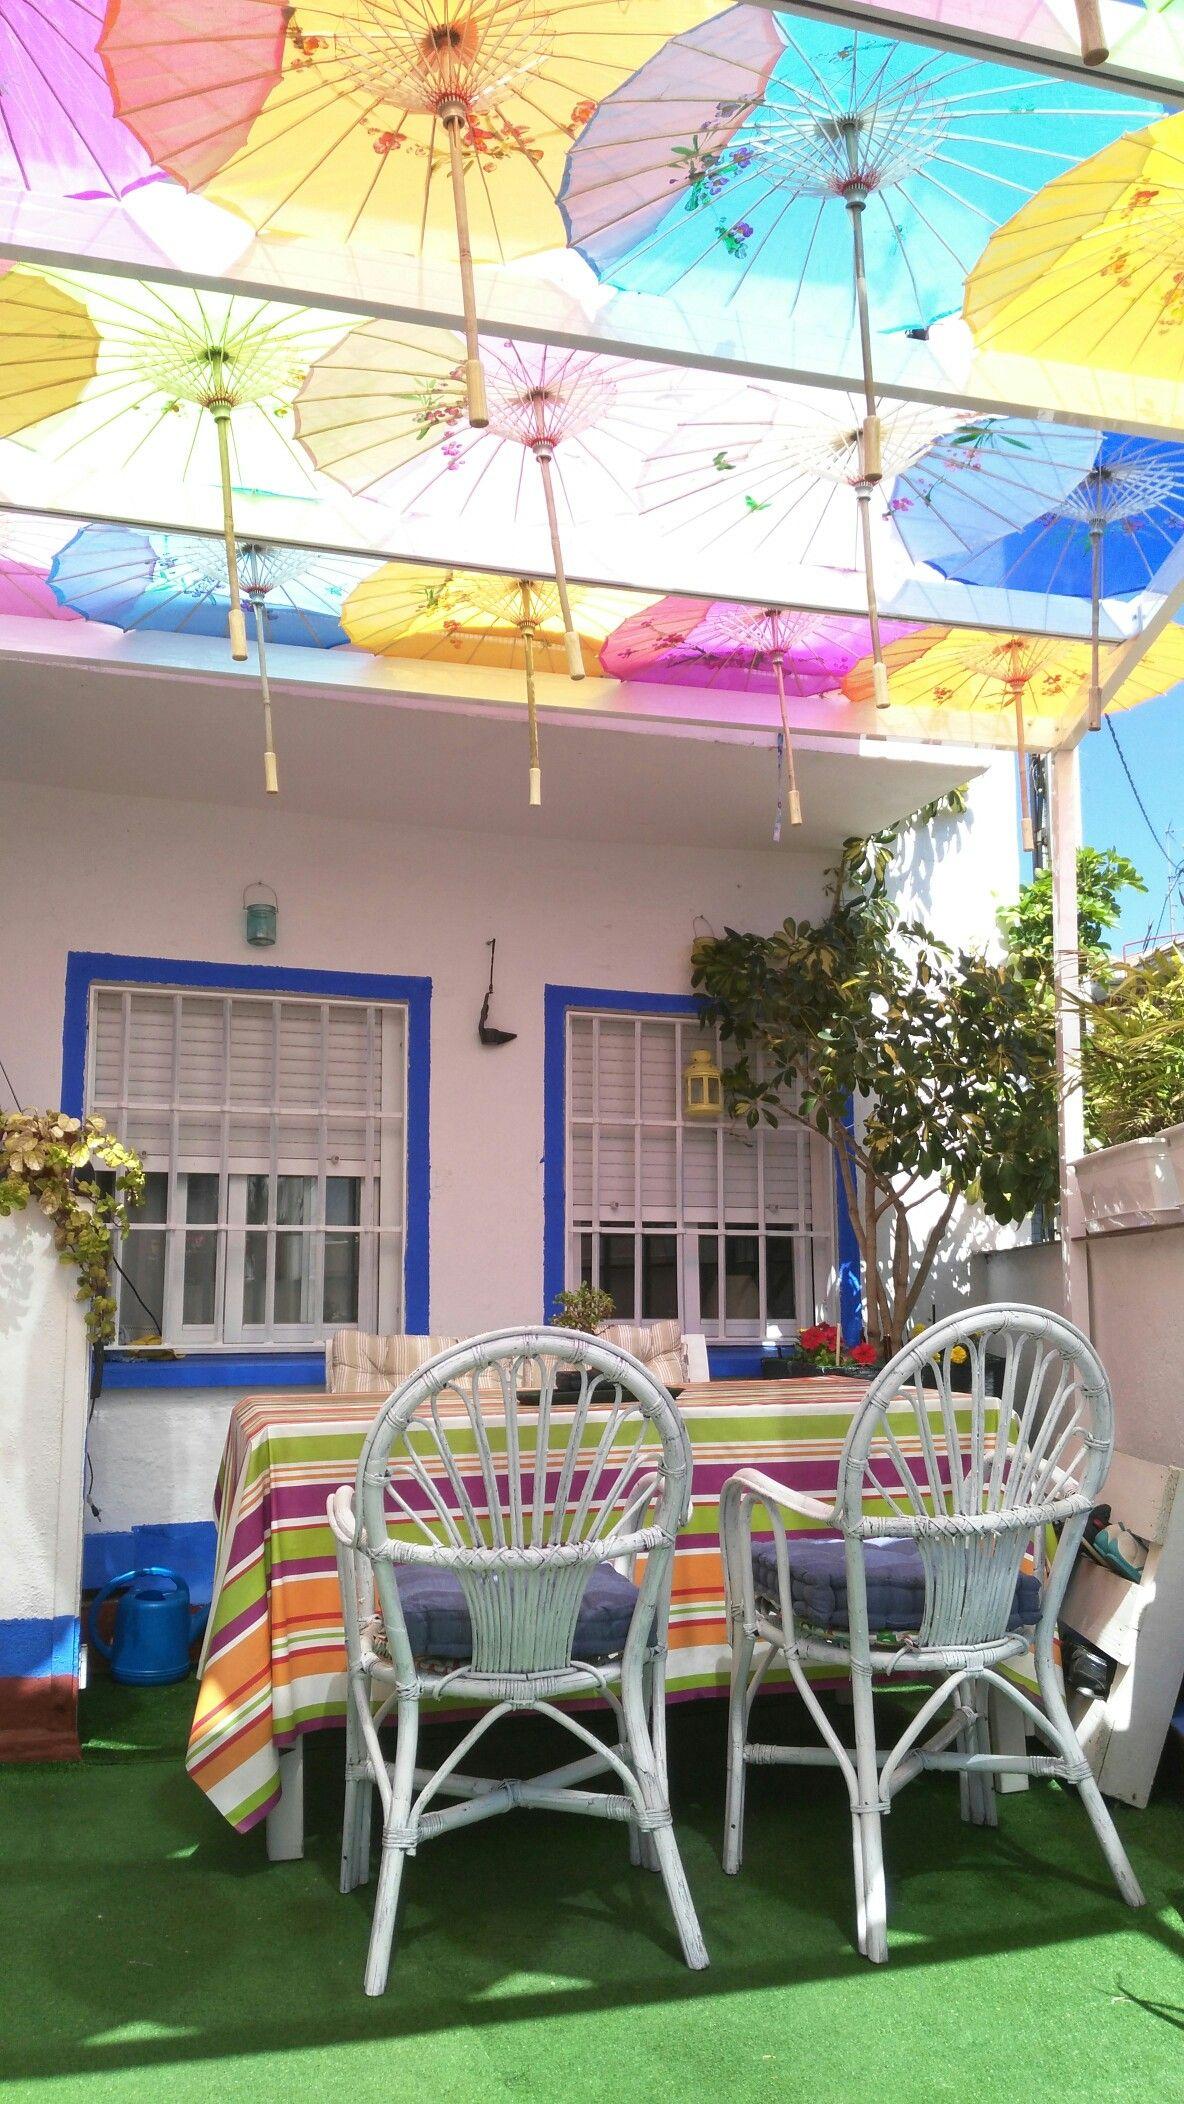 Sombrillas chinas colores para la terraza  a953c312387